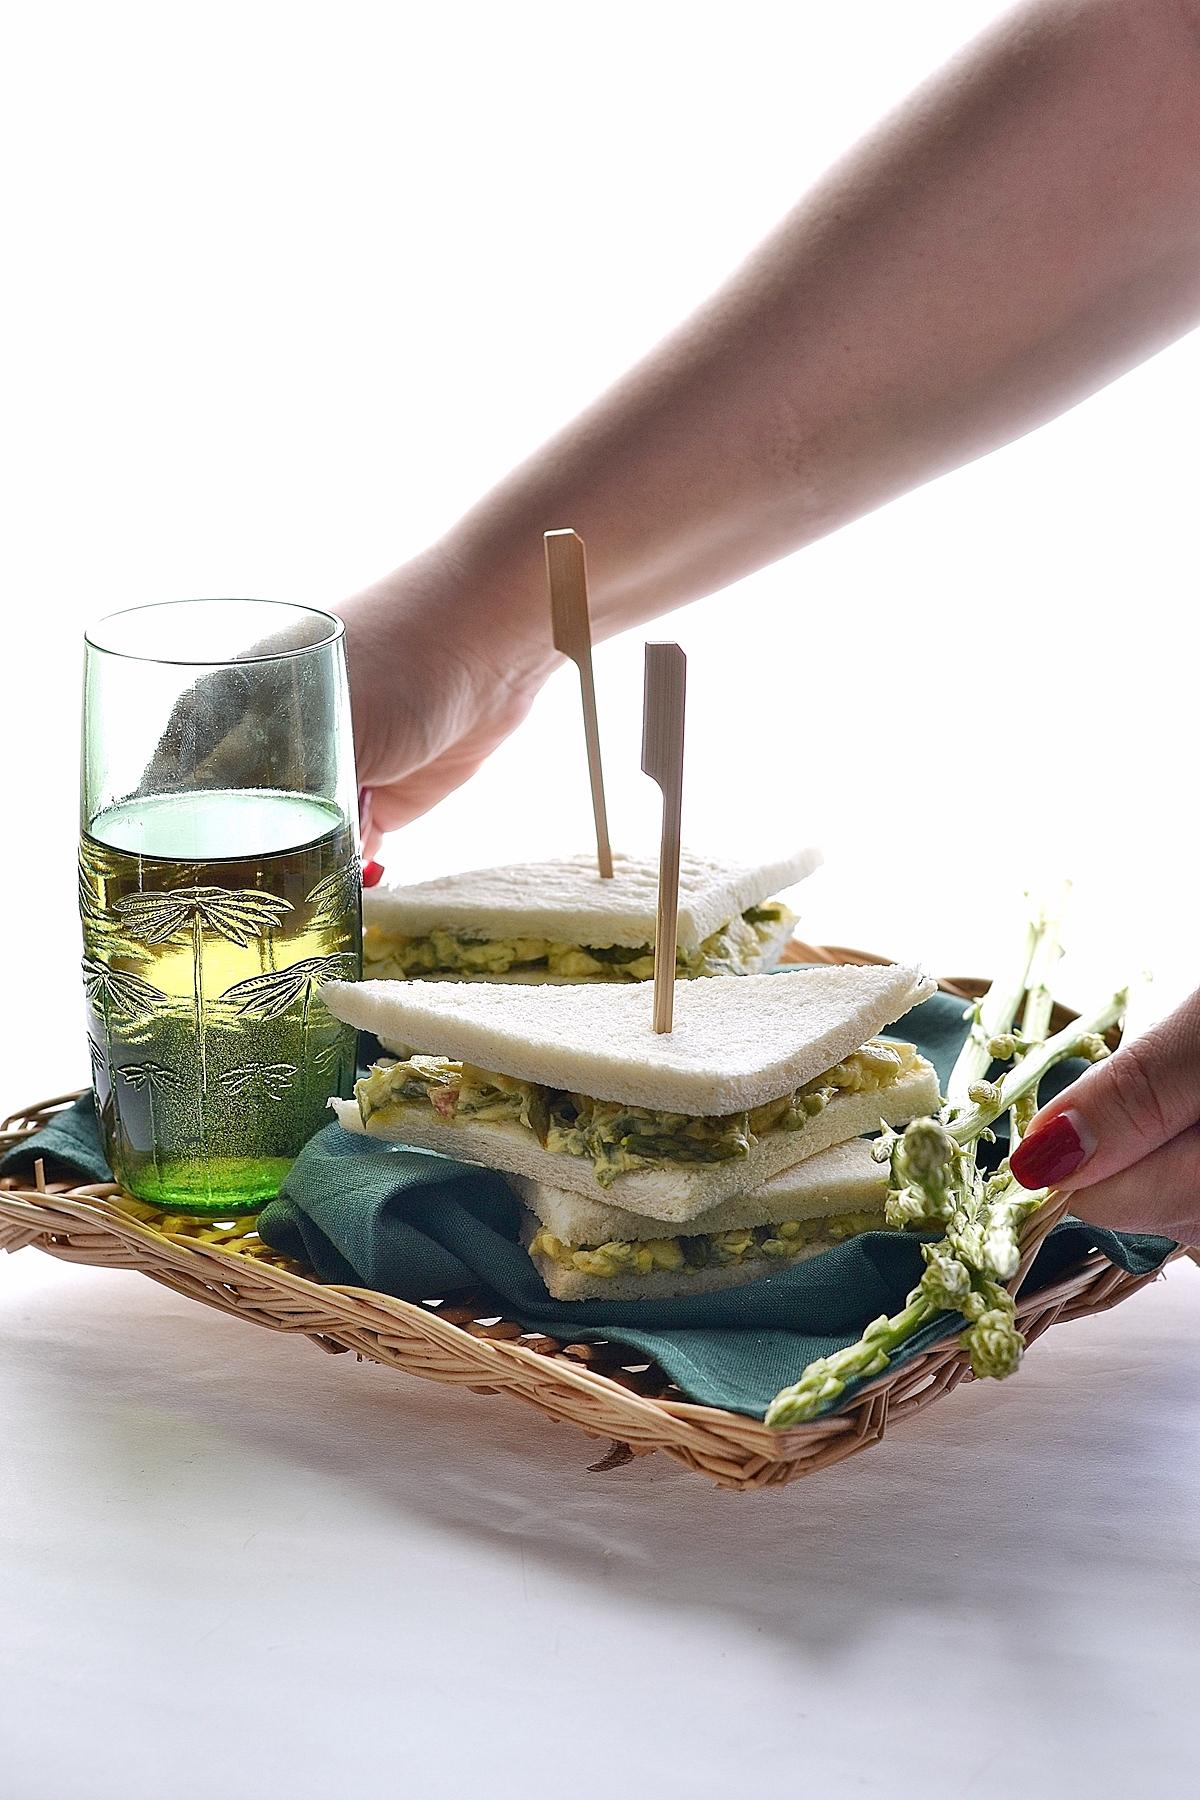 tramezzini con asparagi e uova